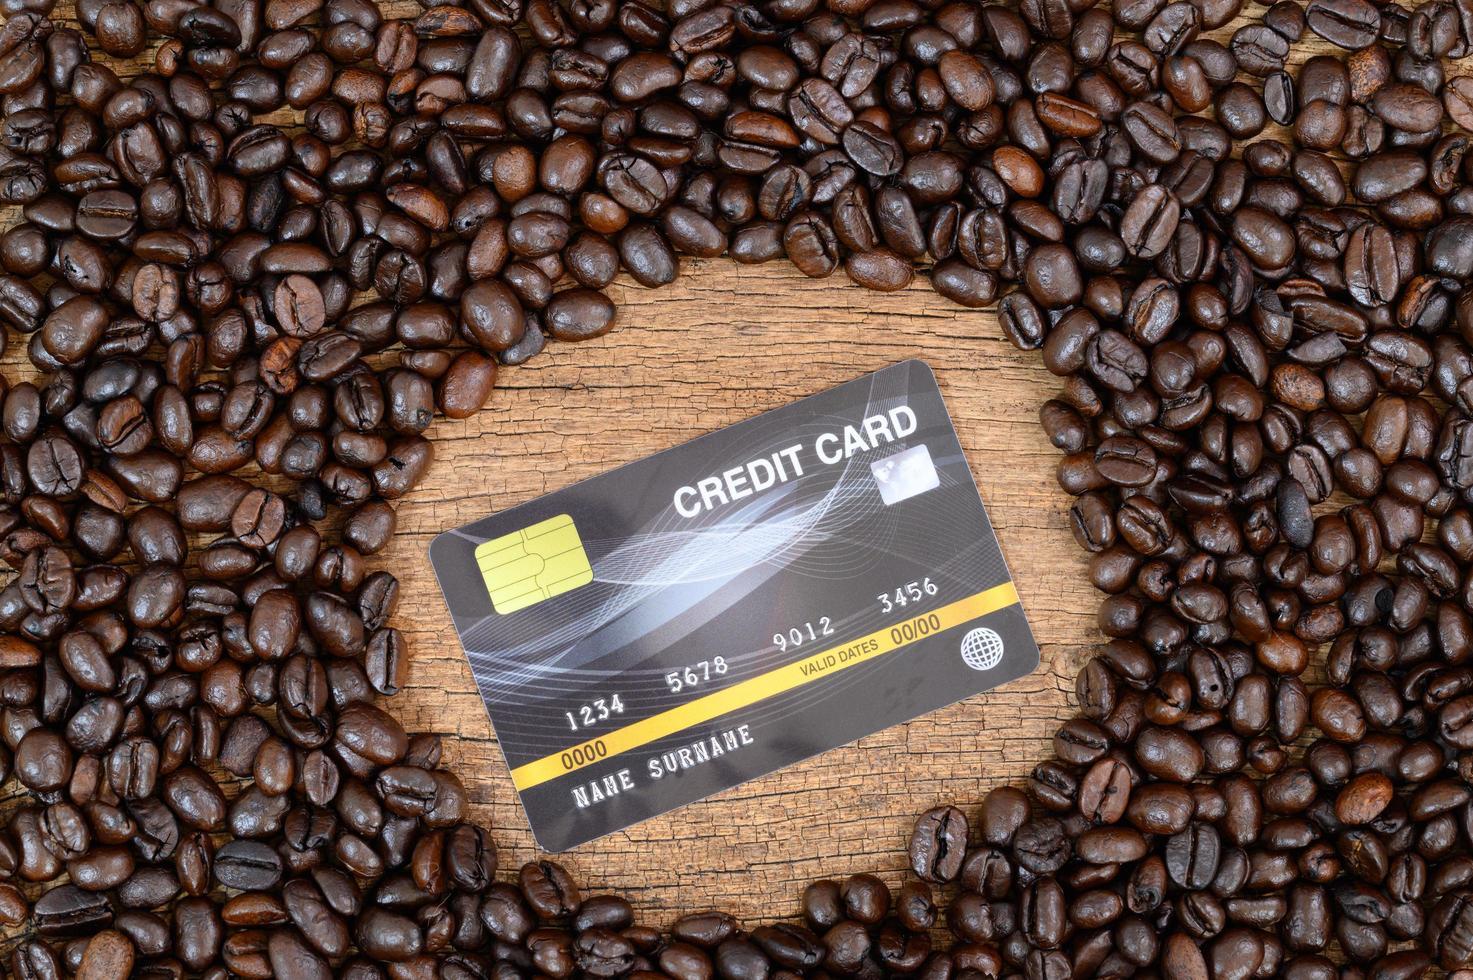 Kreditkarte und Kaffeebohnen auf dem Schreibtisch foto